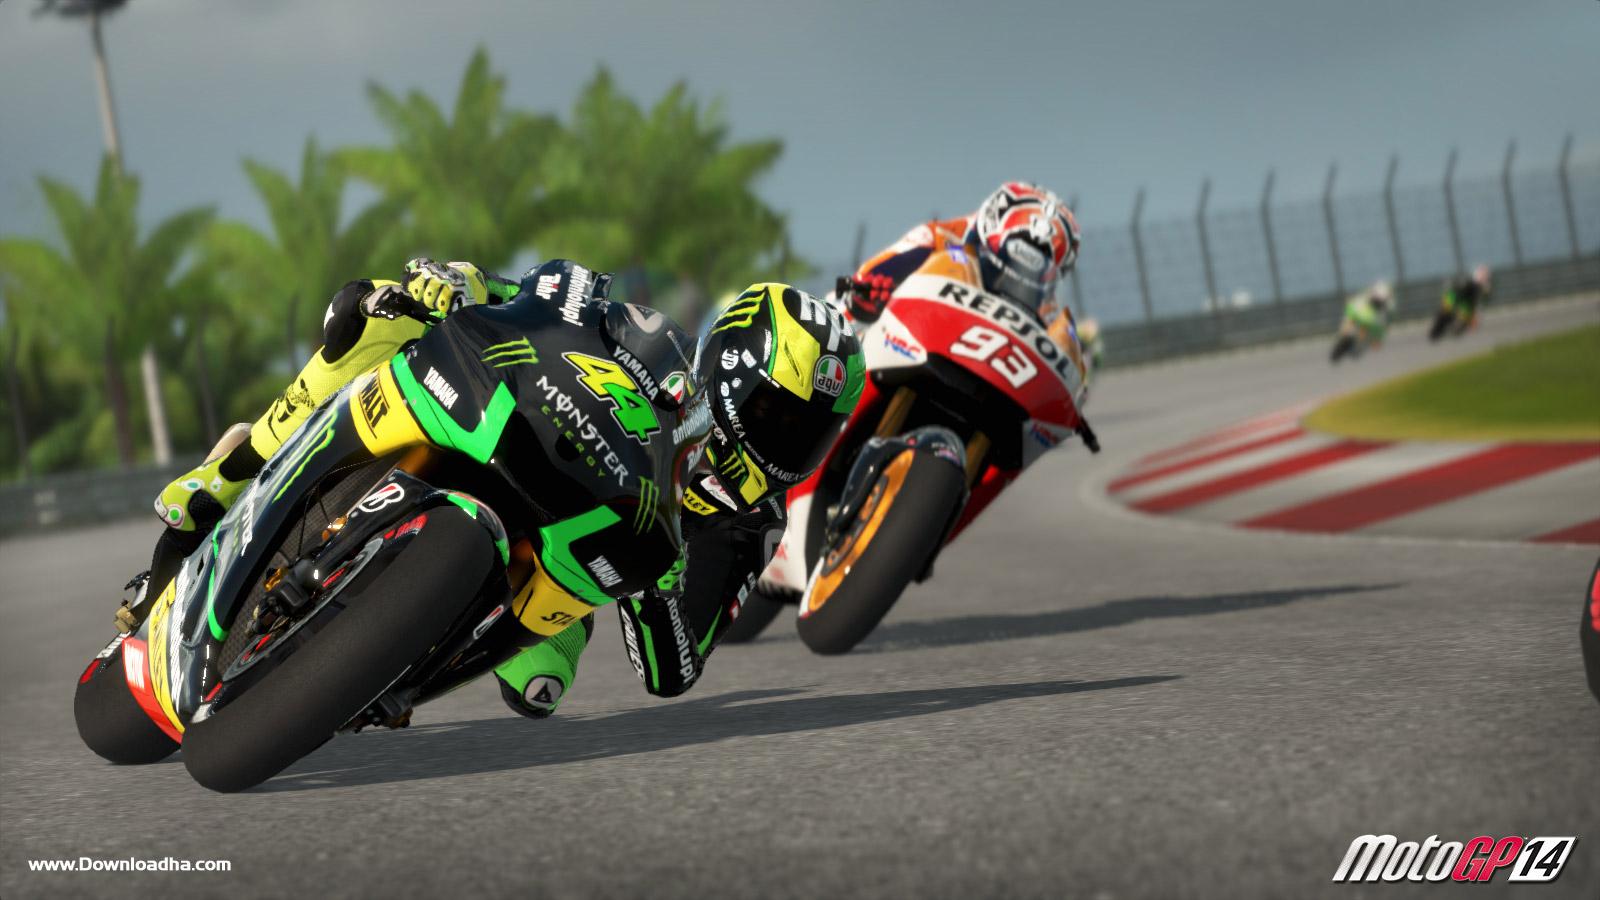 Moto GP 2014 | DFO Torrent Full İndir ~ Torrentizm | Dizi Film Oyun Torrent, Yeni çıkan güncel ...